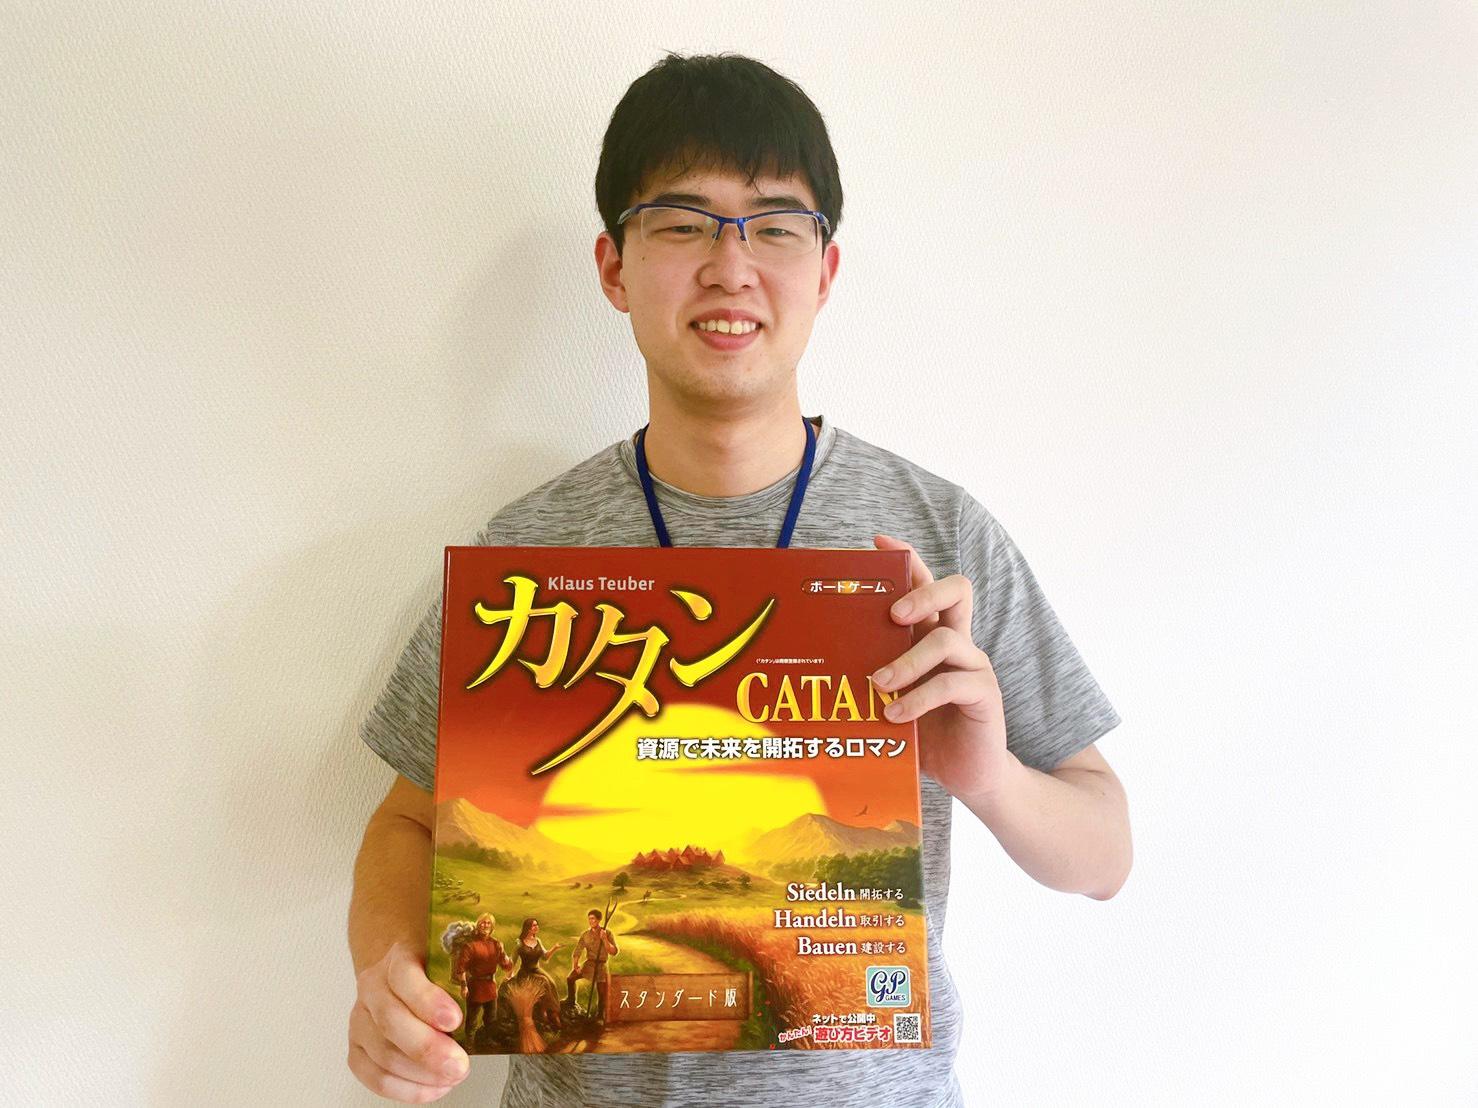 ボードゲーム会を主催する大学生 加福さんに会ってきた!